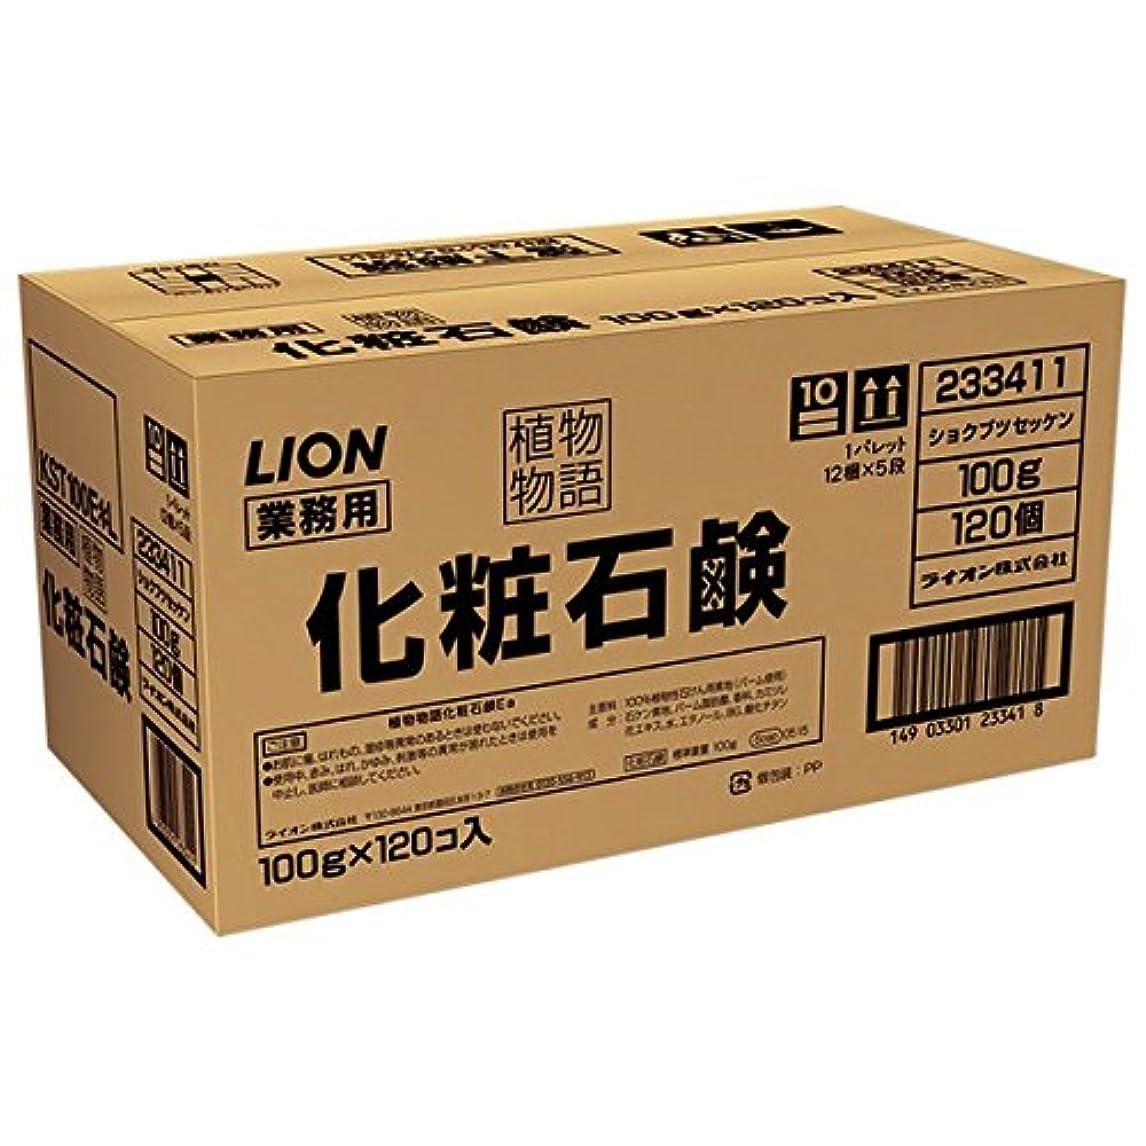 ジュース地下室分岐するライオン 植物物語 化粧石鹸 業務用 100g 1箱(120個)